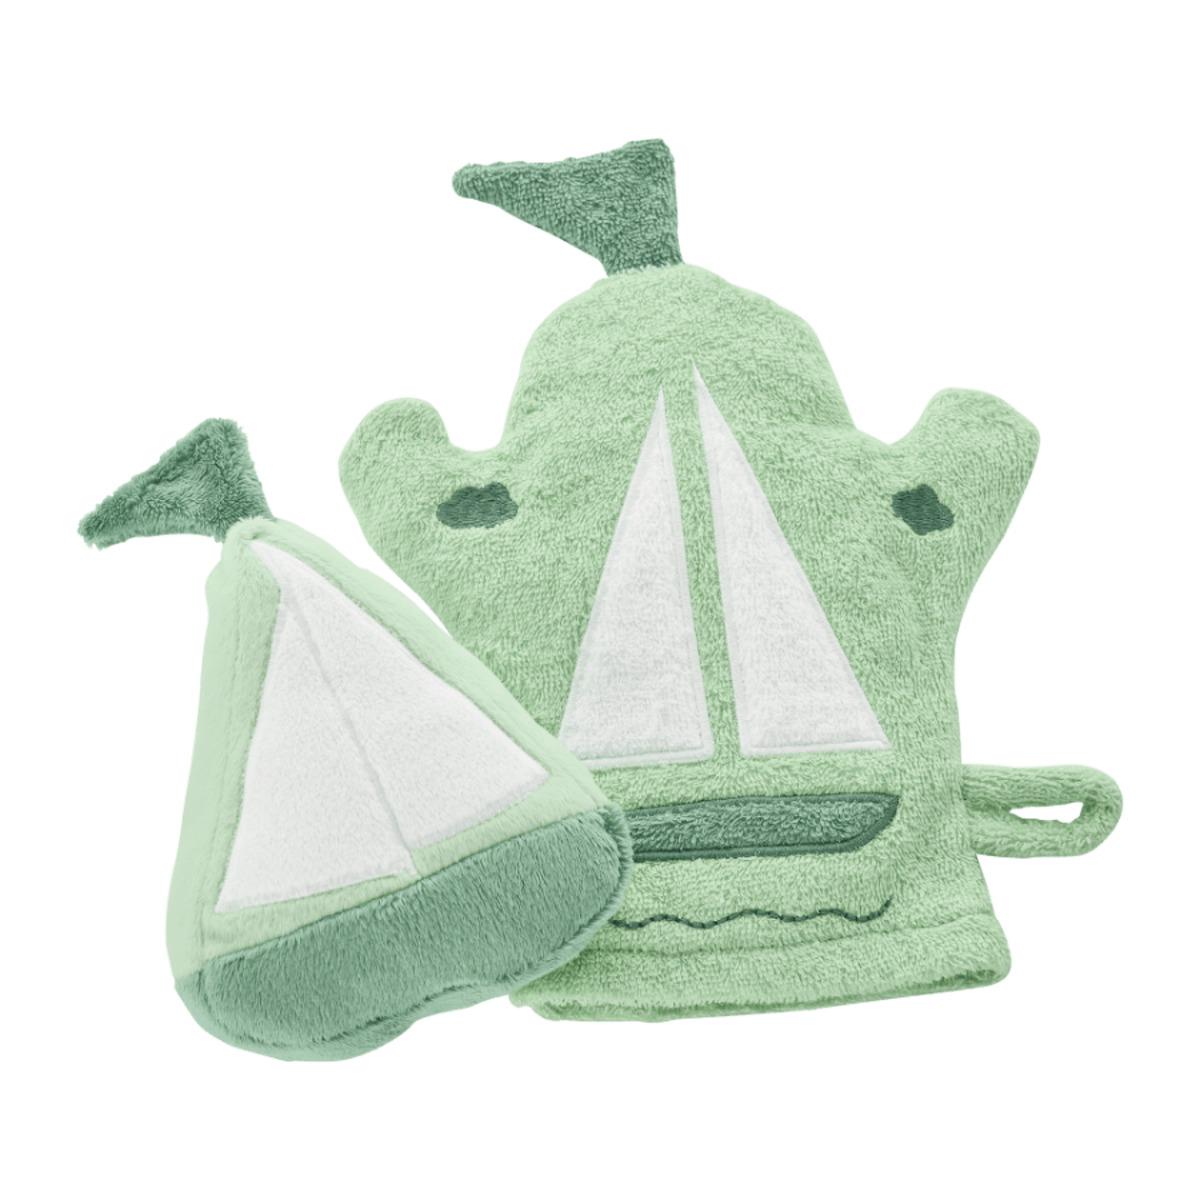 Bild 2 von HOME CREATION     Waschhandschuhe / Wasch- und Bade-Set